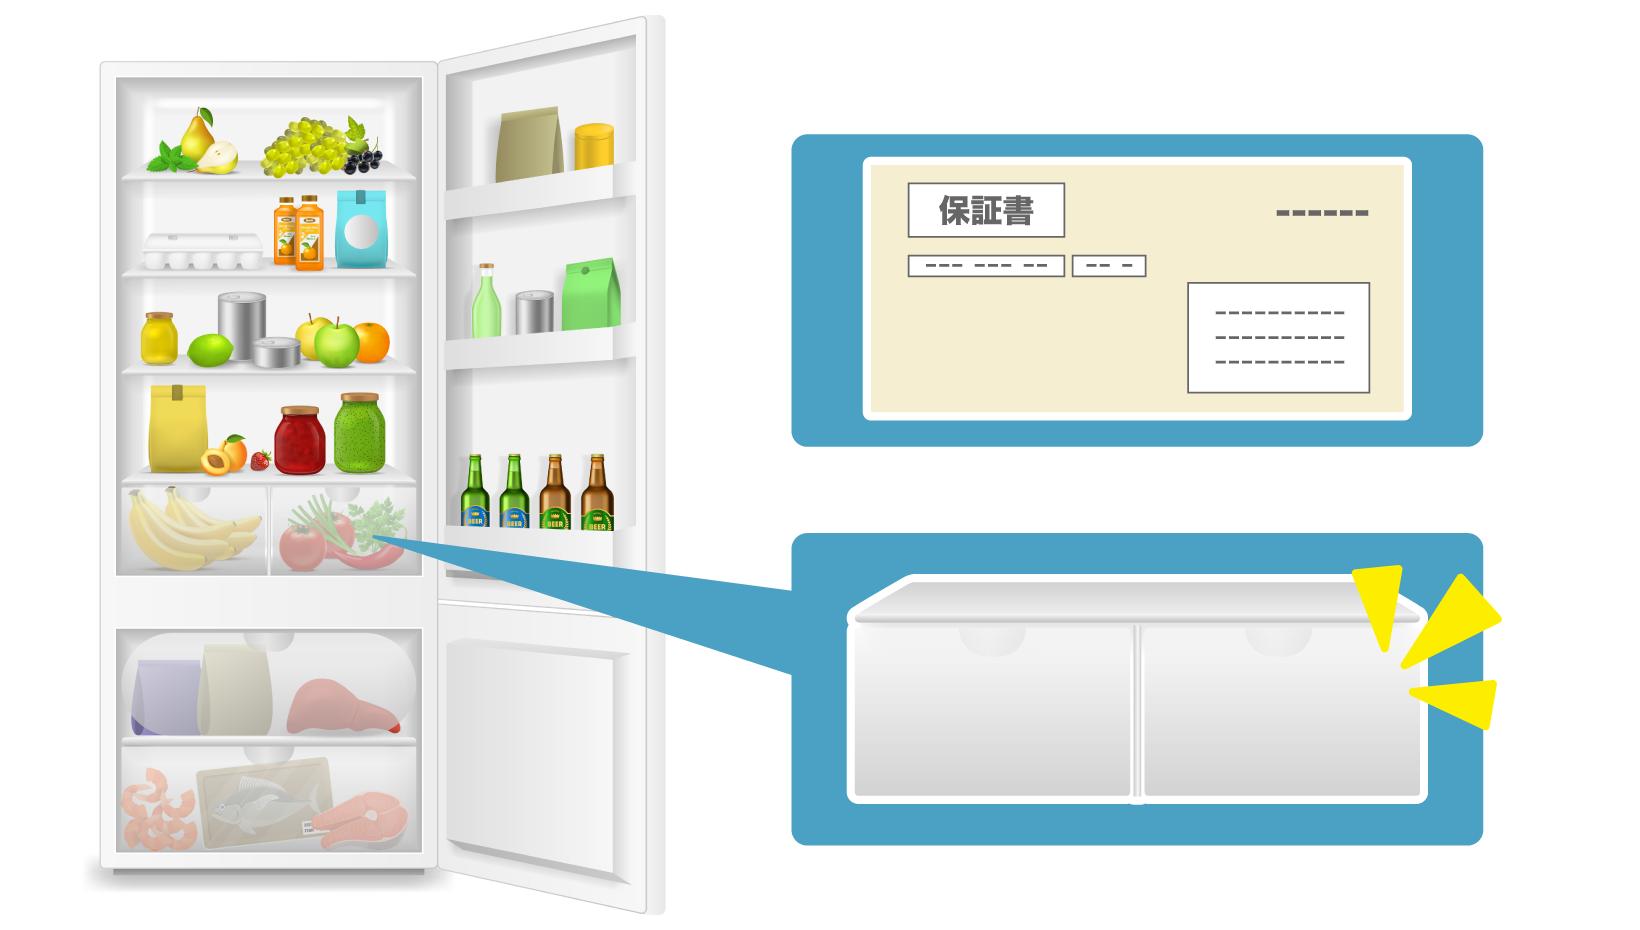 保証書や棚などの付属品は、冷蔵庫本体と一緒に出すことでより高価に買い取ってもらえる